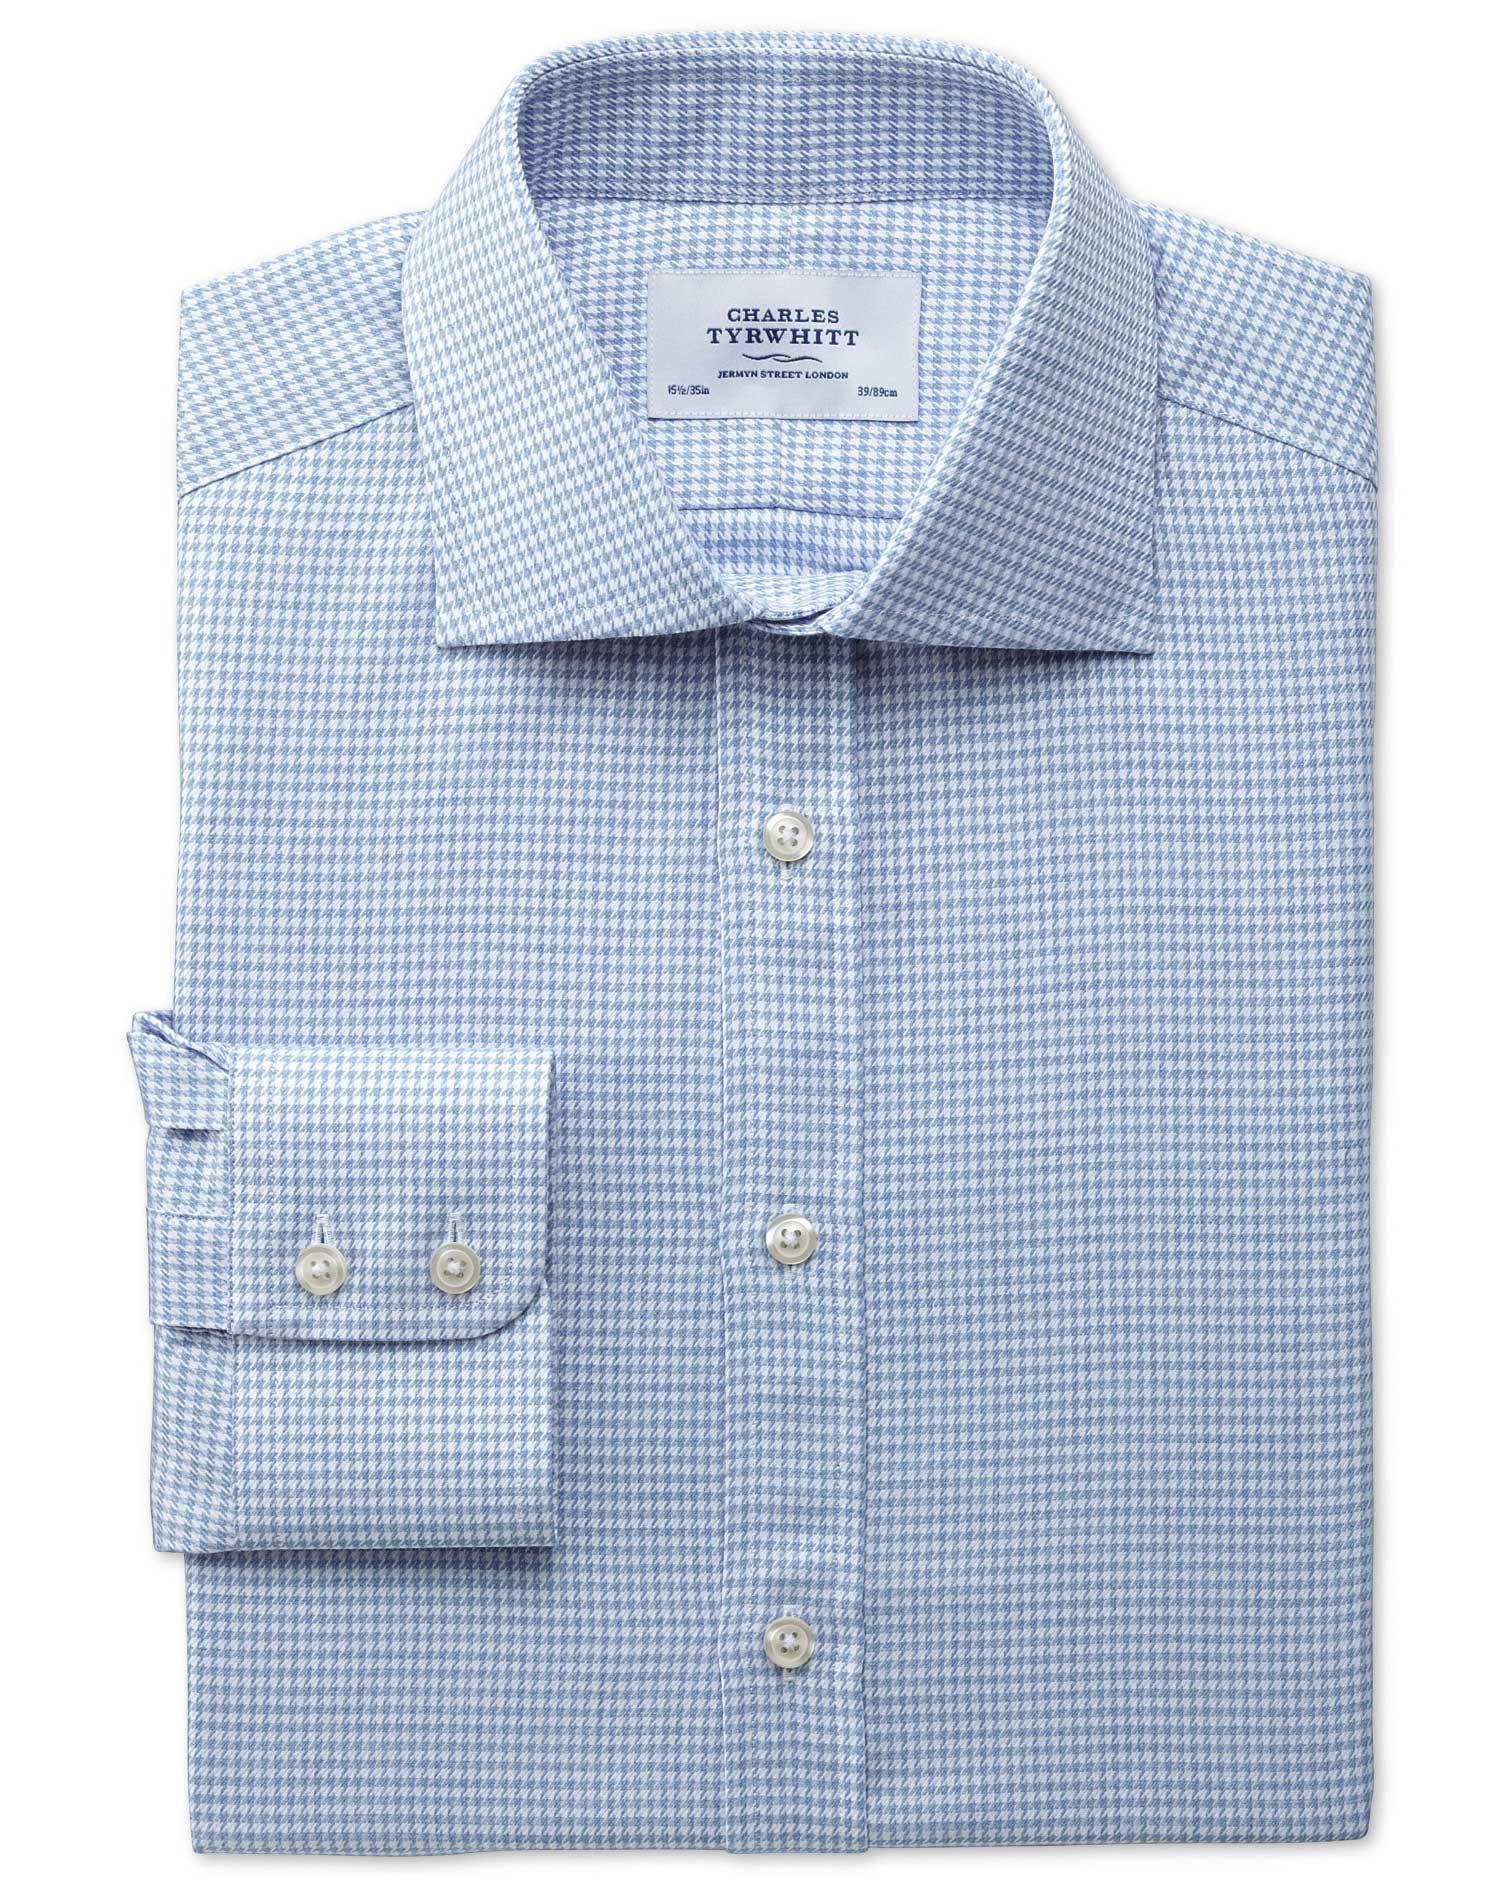 Slim Fit Semi-Cutaway Collar Melange Puppytooth Sky Blue Cotton Formal Shirt Single Cuff Size 17.5/3